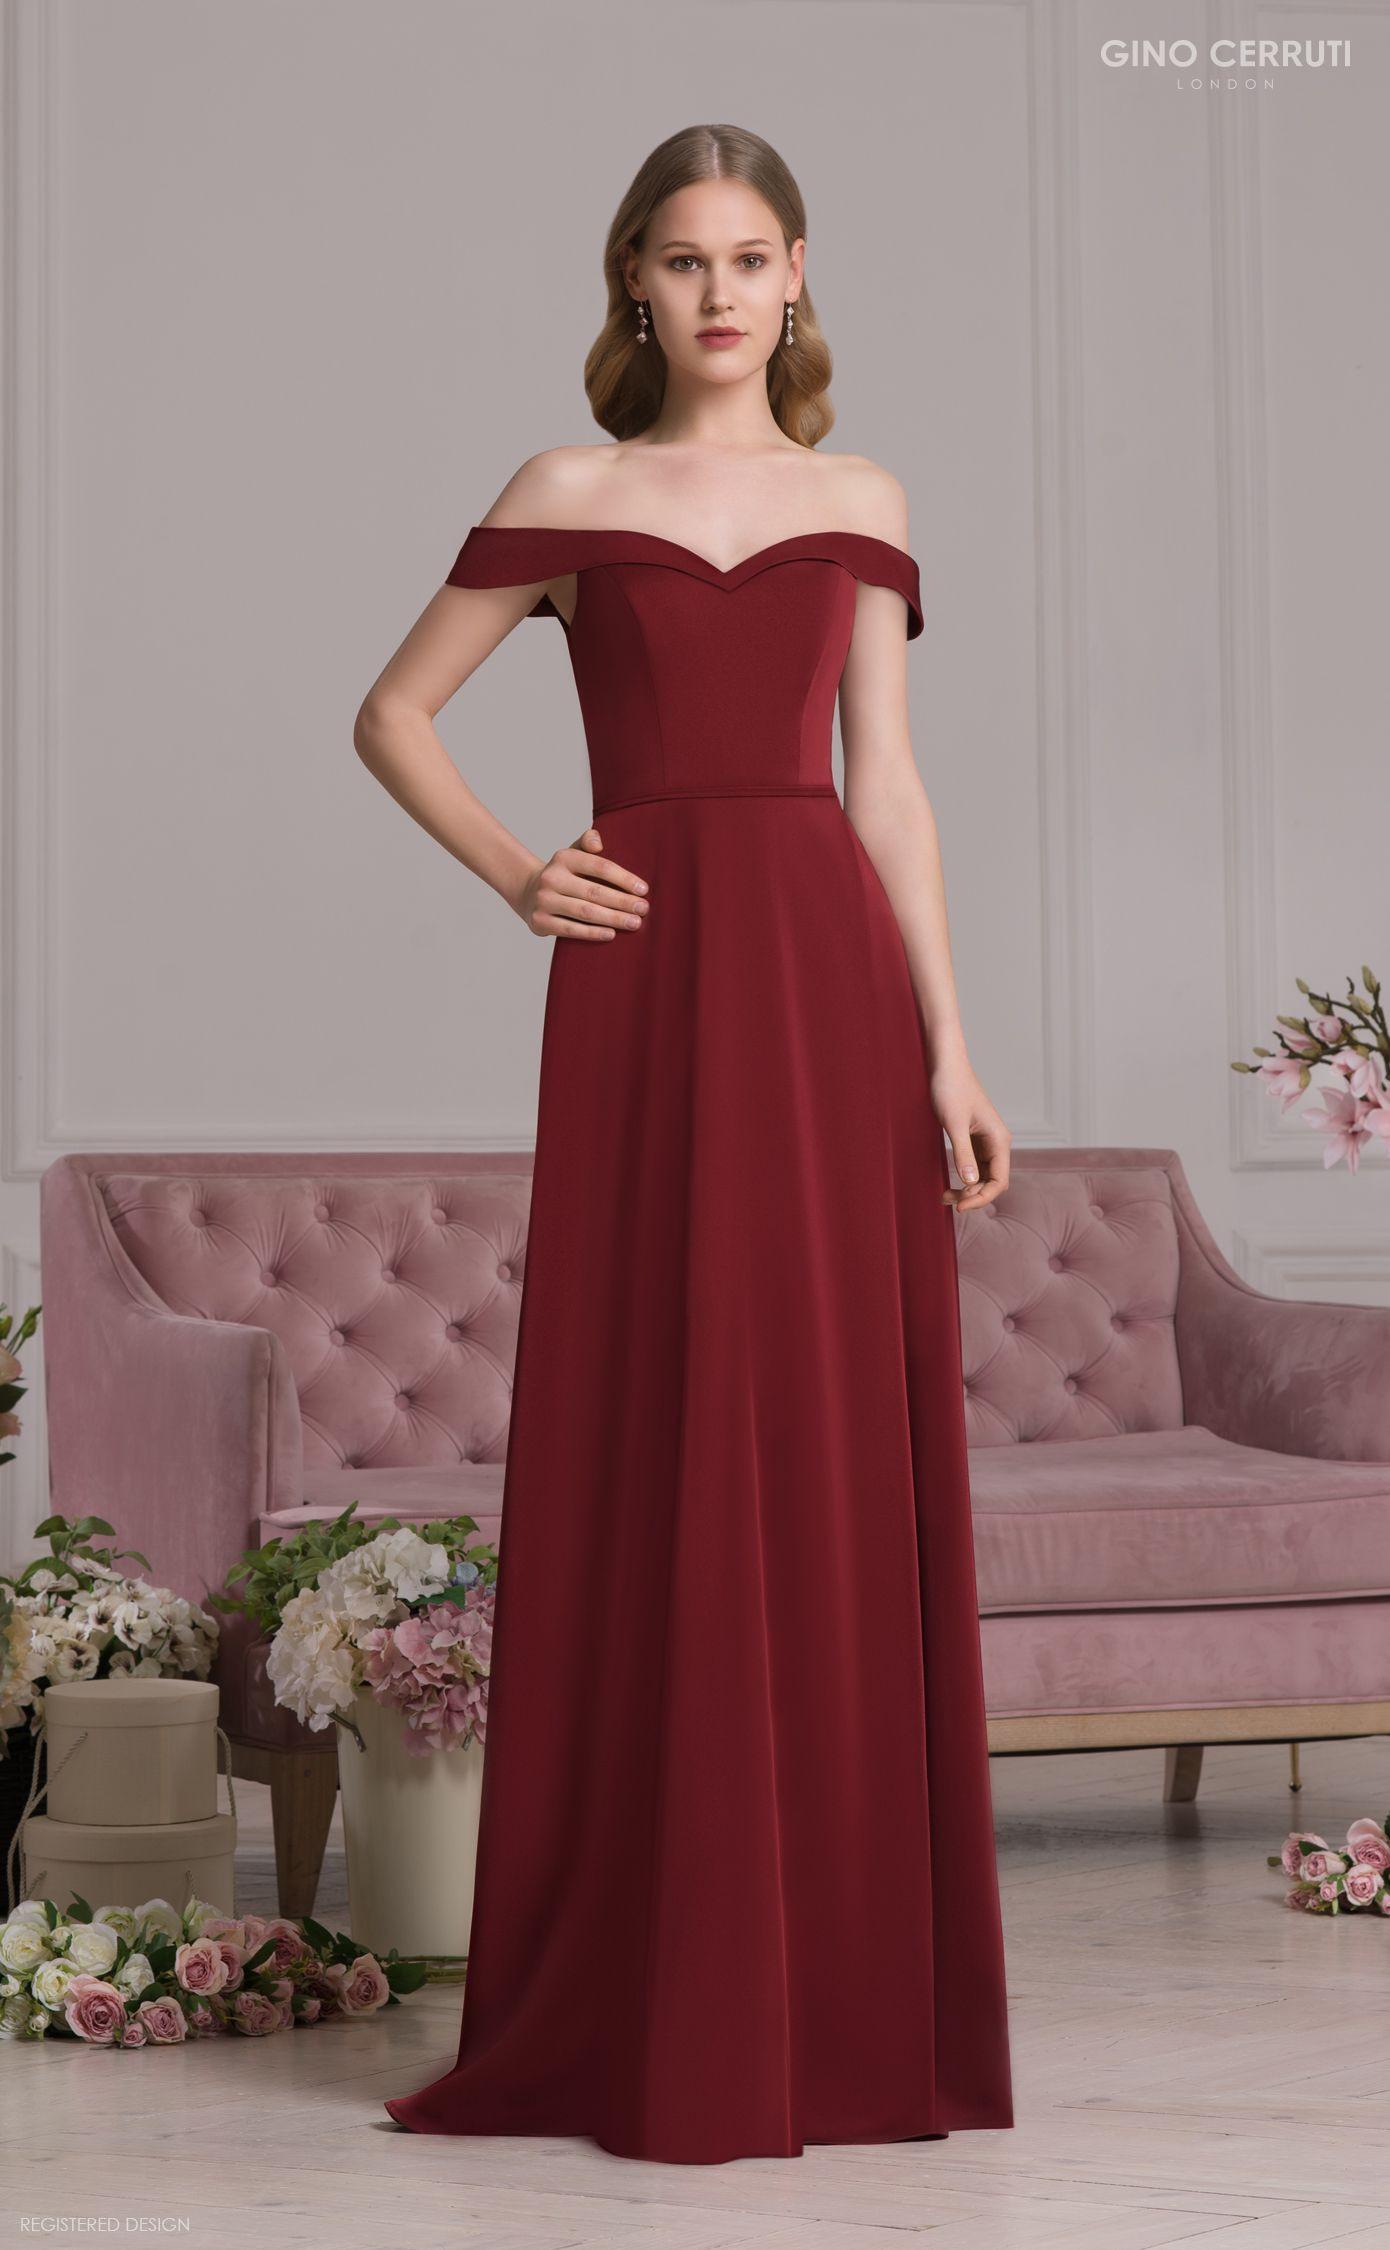 Abend Einfach Alle Abendkleider GalerieFormal Spektakulär Alle Abendkleider für 2019